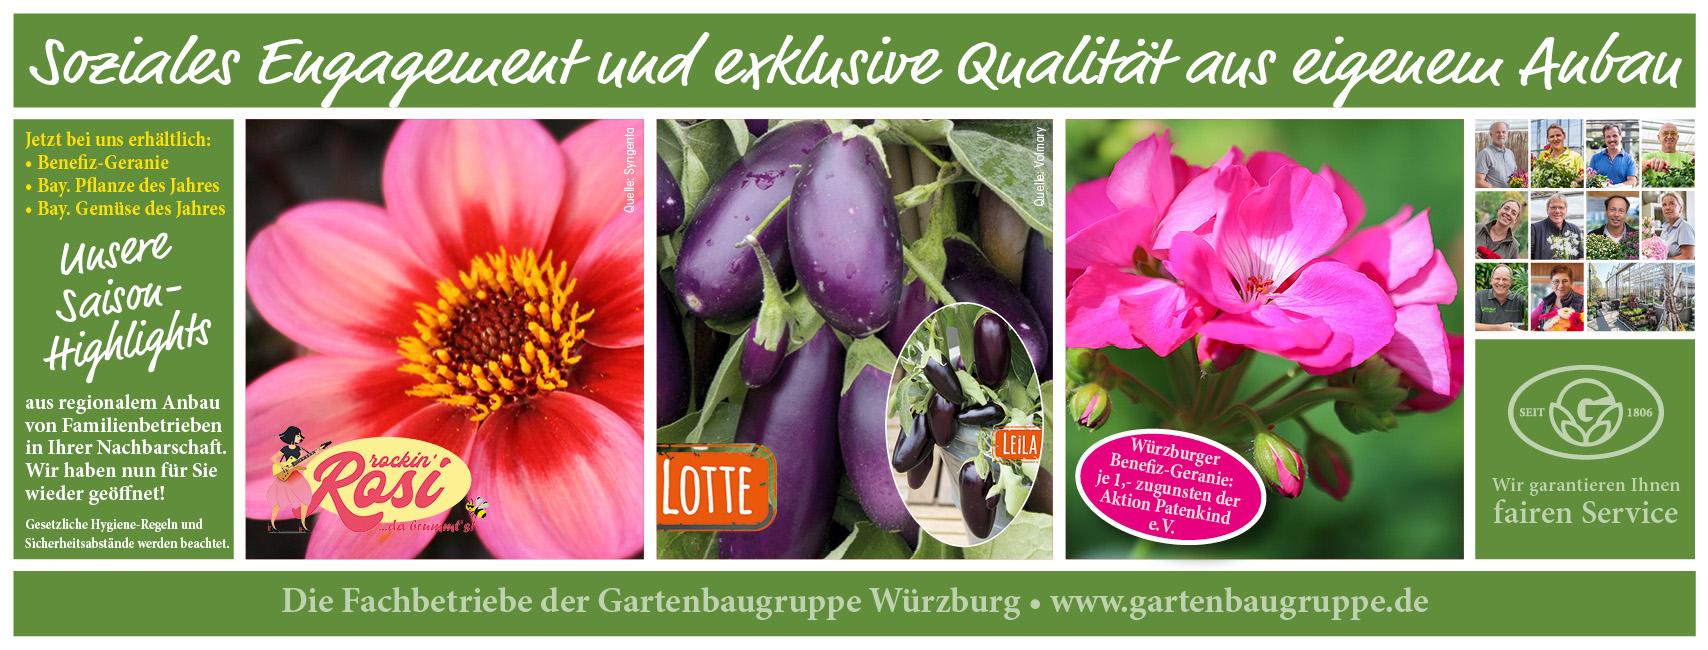 Gartenbaugruppe Würzburg Saisonhighlights Sommer 2020